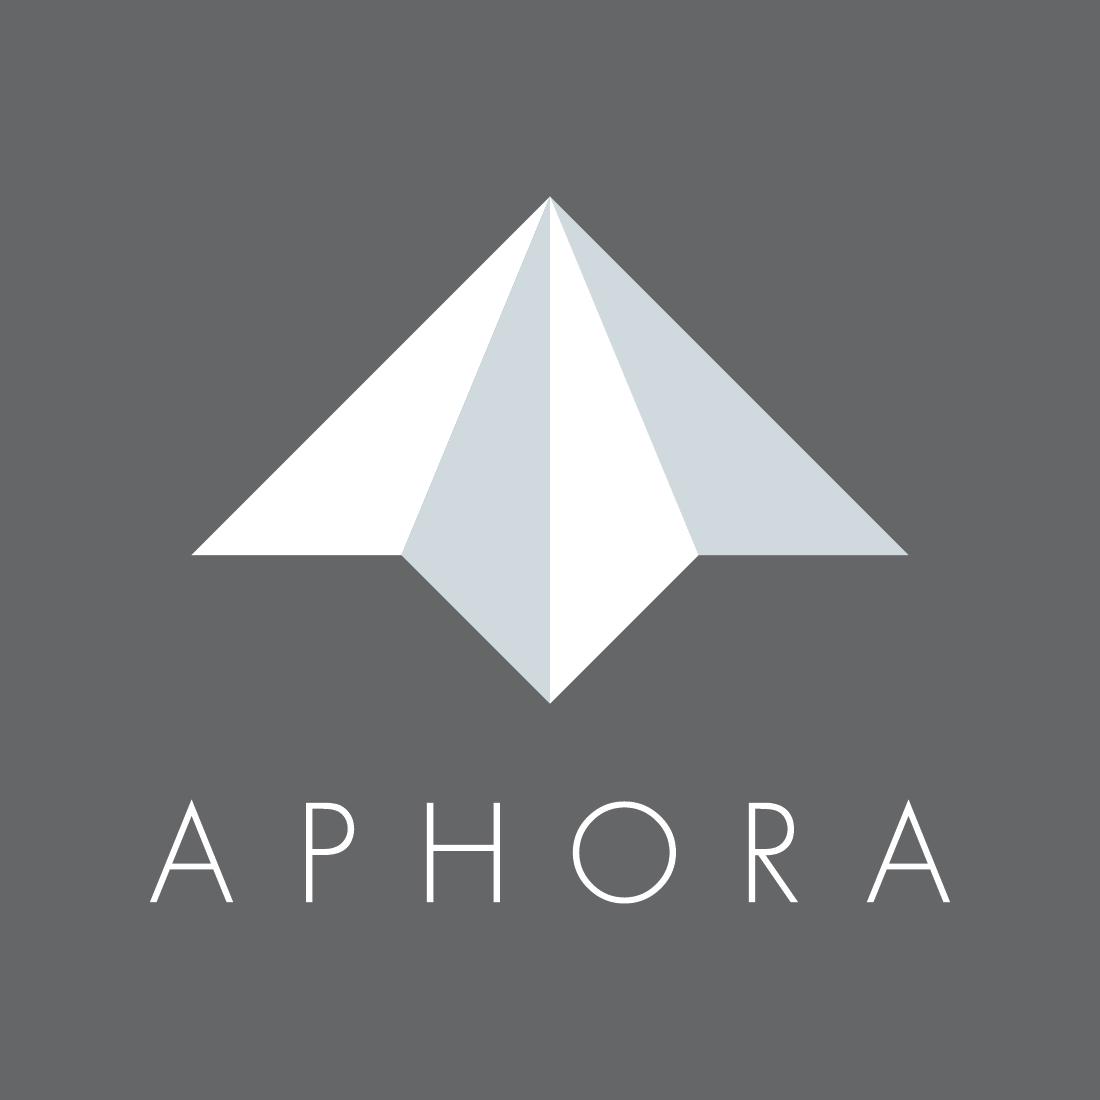 APHORA ARQUITETURA